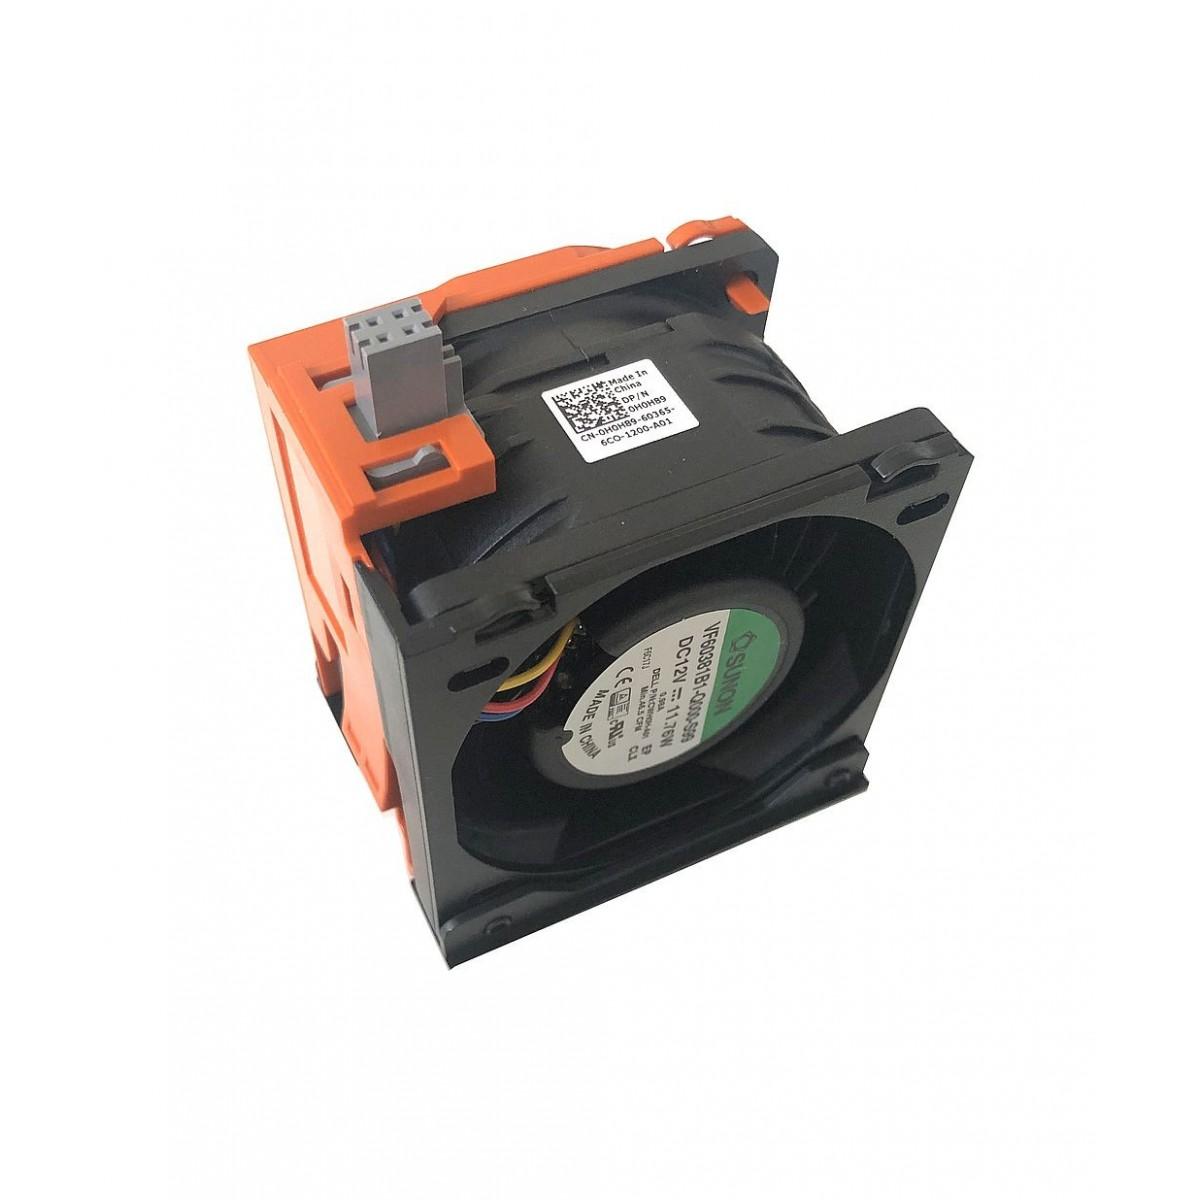 WIN2012 STD+DELL T320 E5 2407 64GB 8x2TB H310